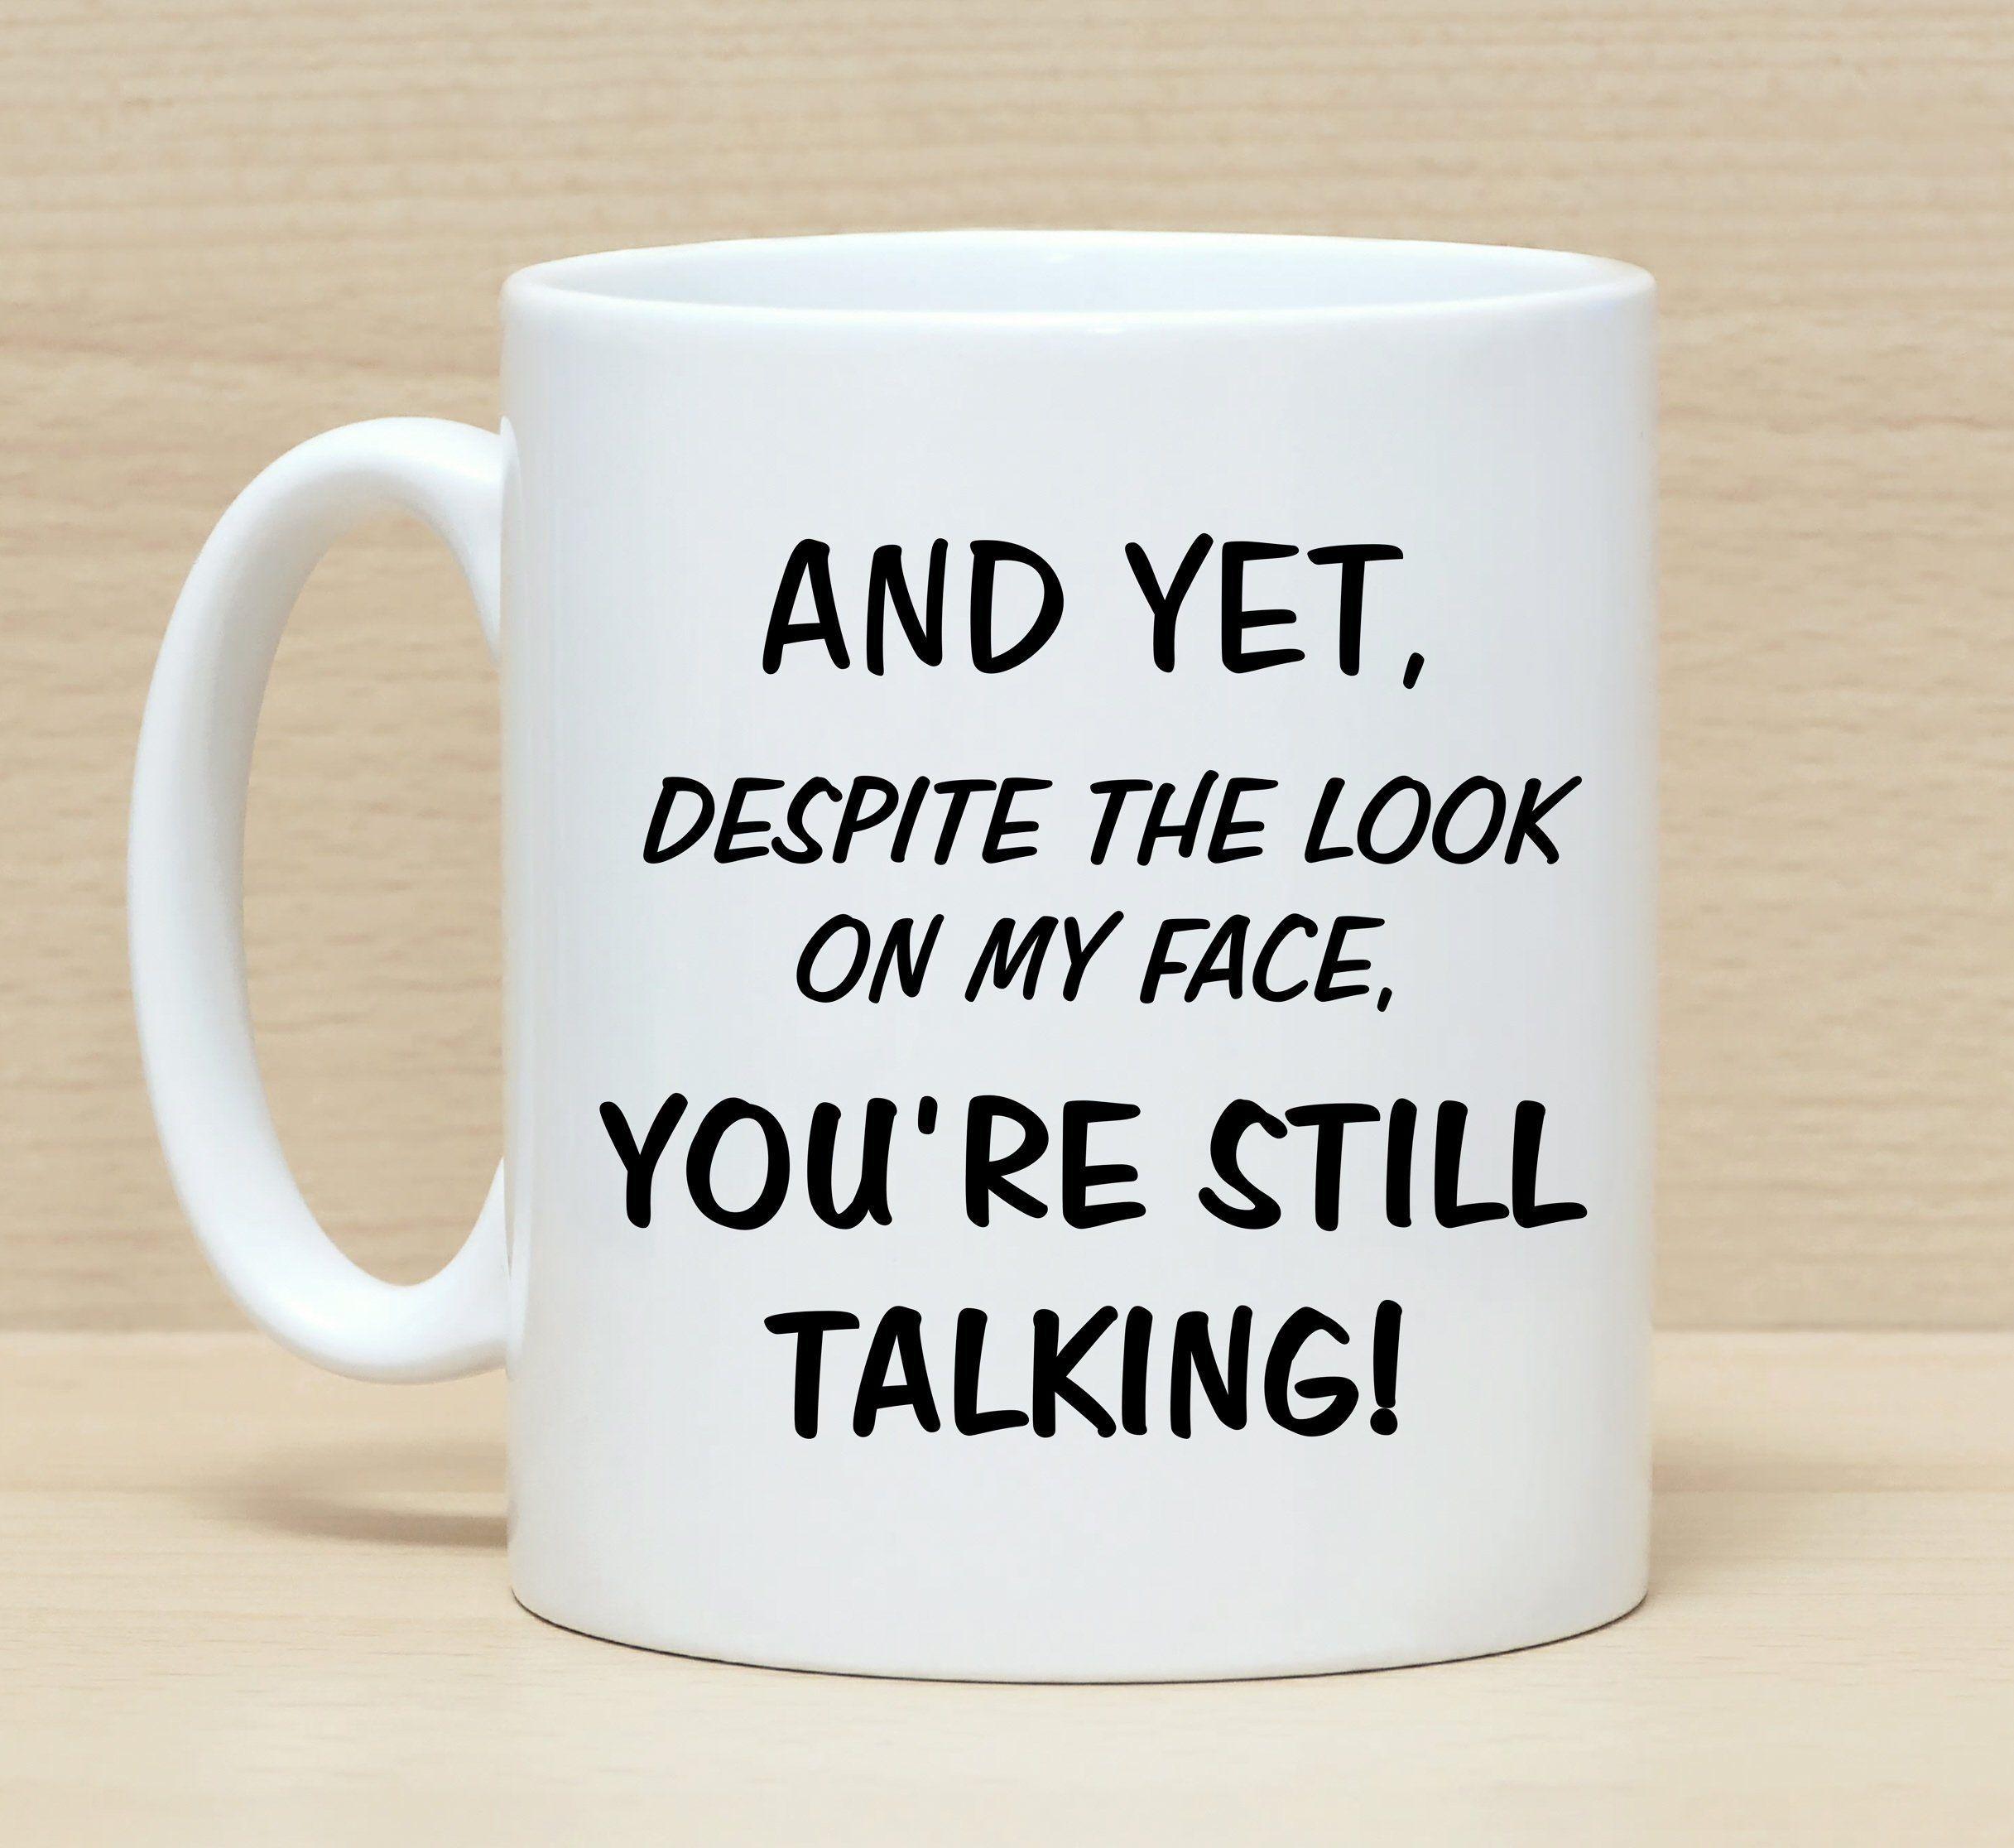 d51ab626cf4 Funny mug, Mug with sayings, Funny coffee mug, Mug gift, Sarcasm mug,  Sarcasm gift, Mug for women, Mug for men, Work mug, Office mug, Mugs, ...